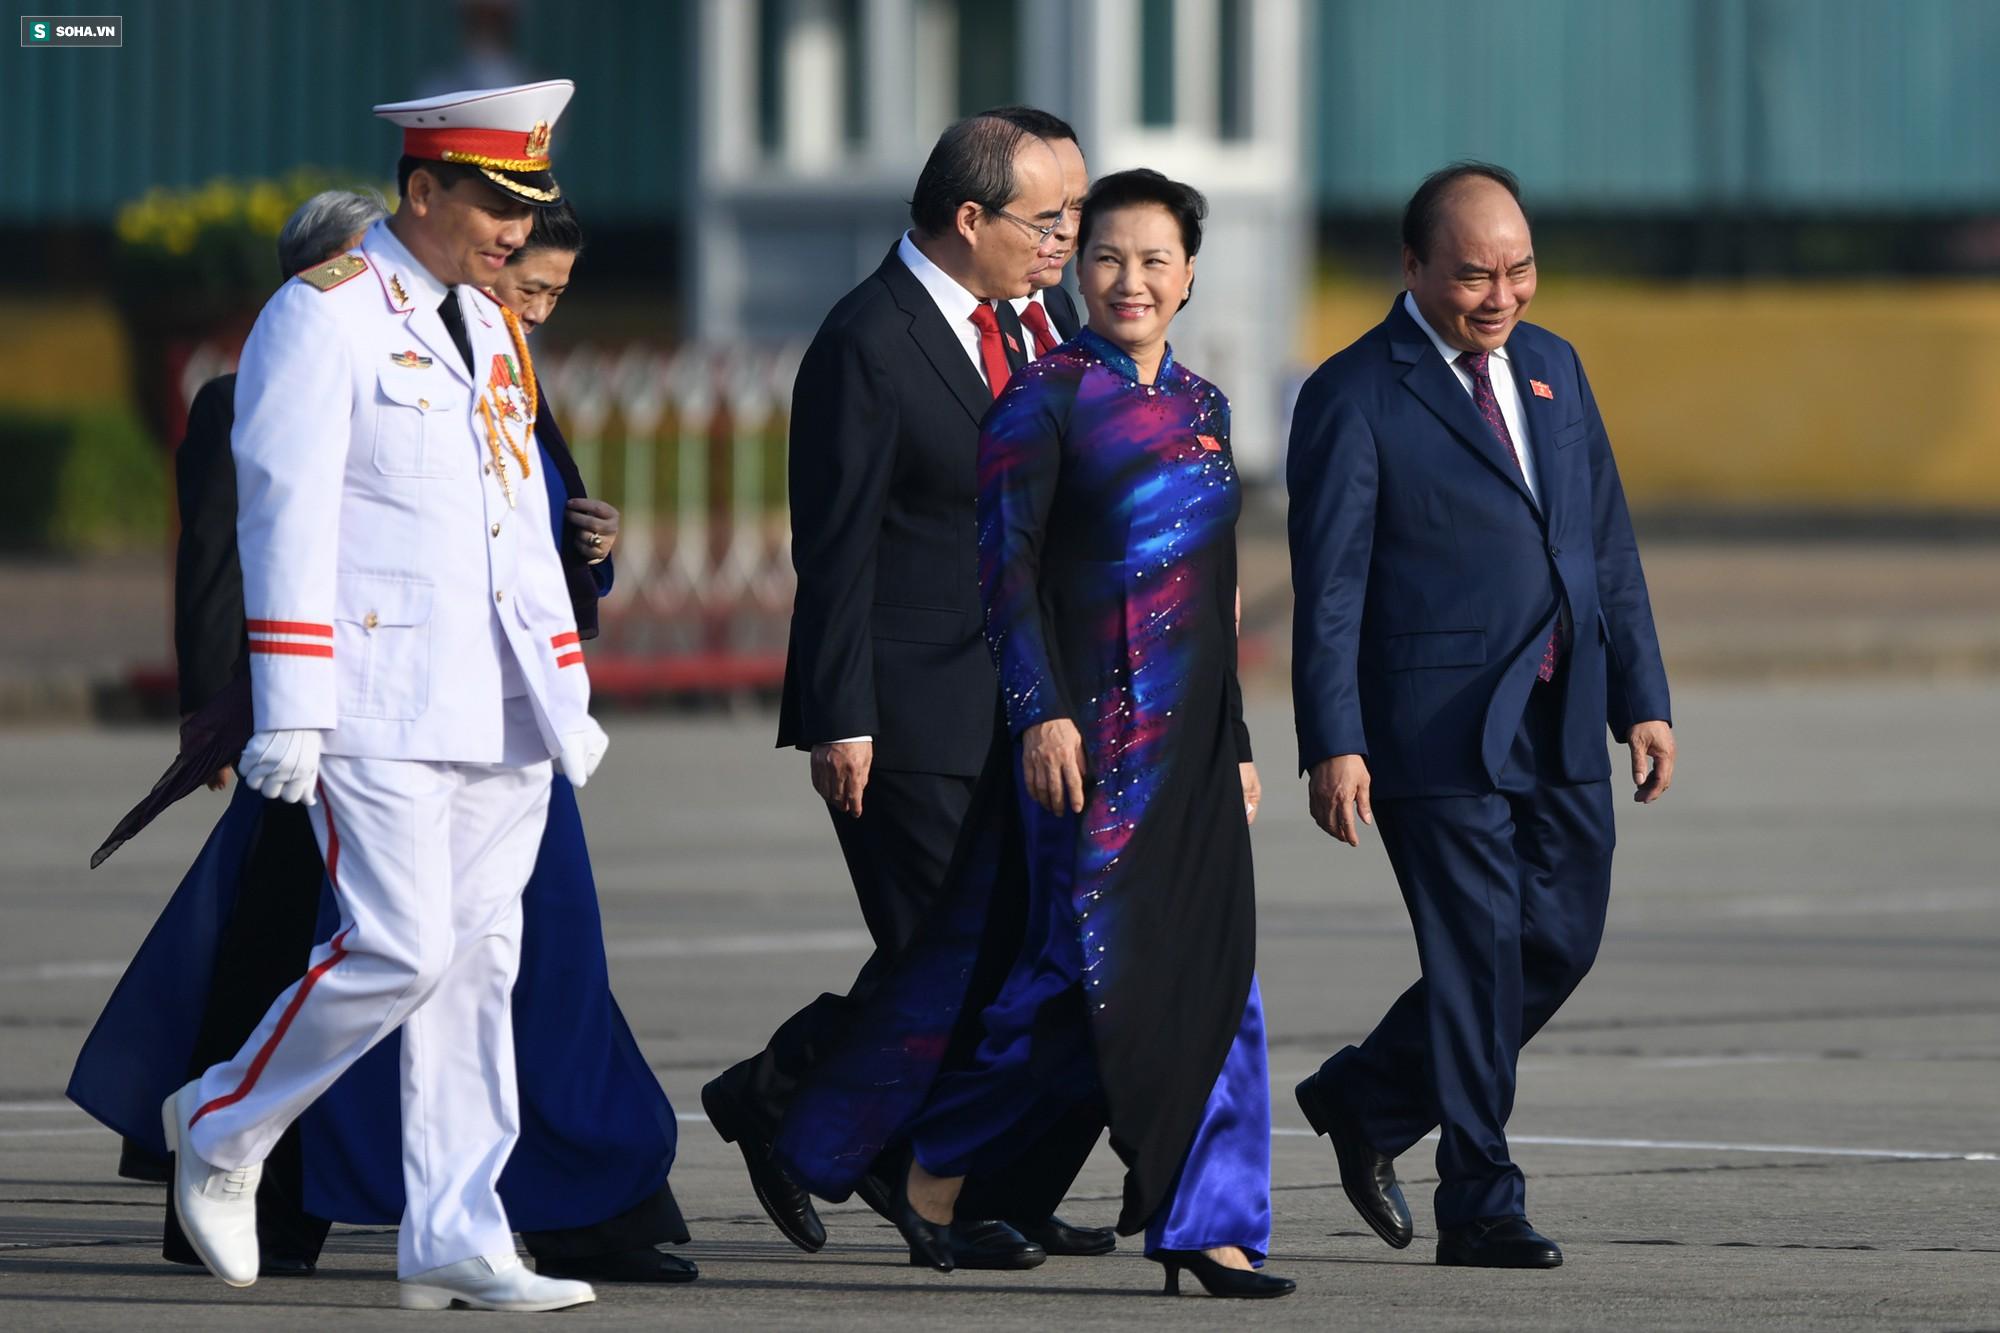 Đại biểu Quốc hội viếng Chủ tịch Hồ Chí Minh 10